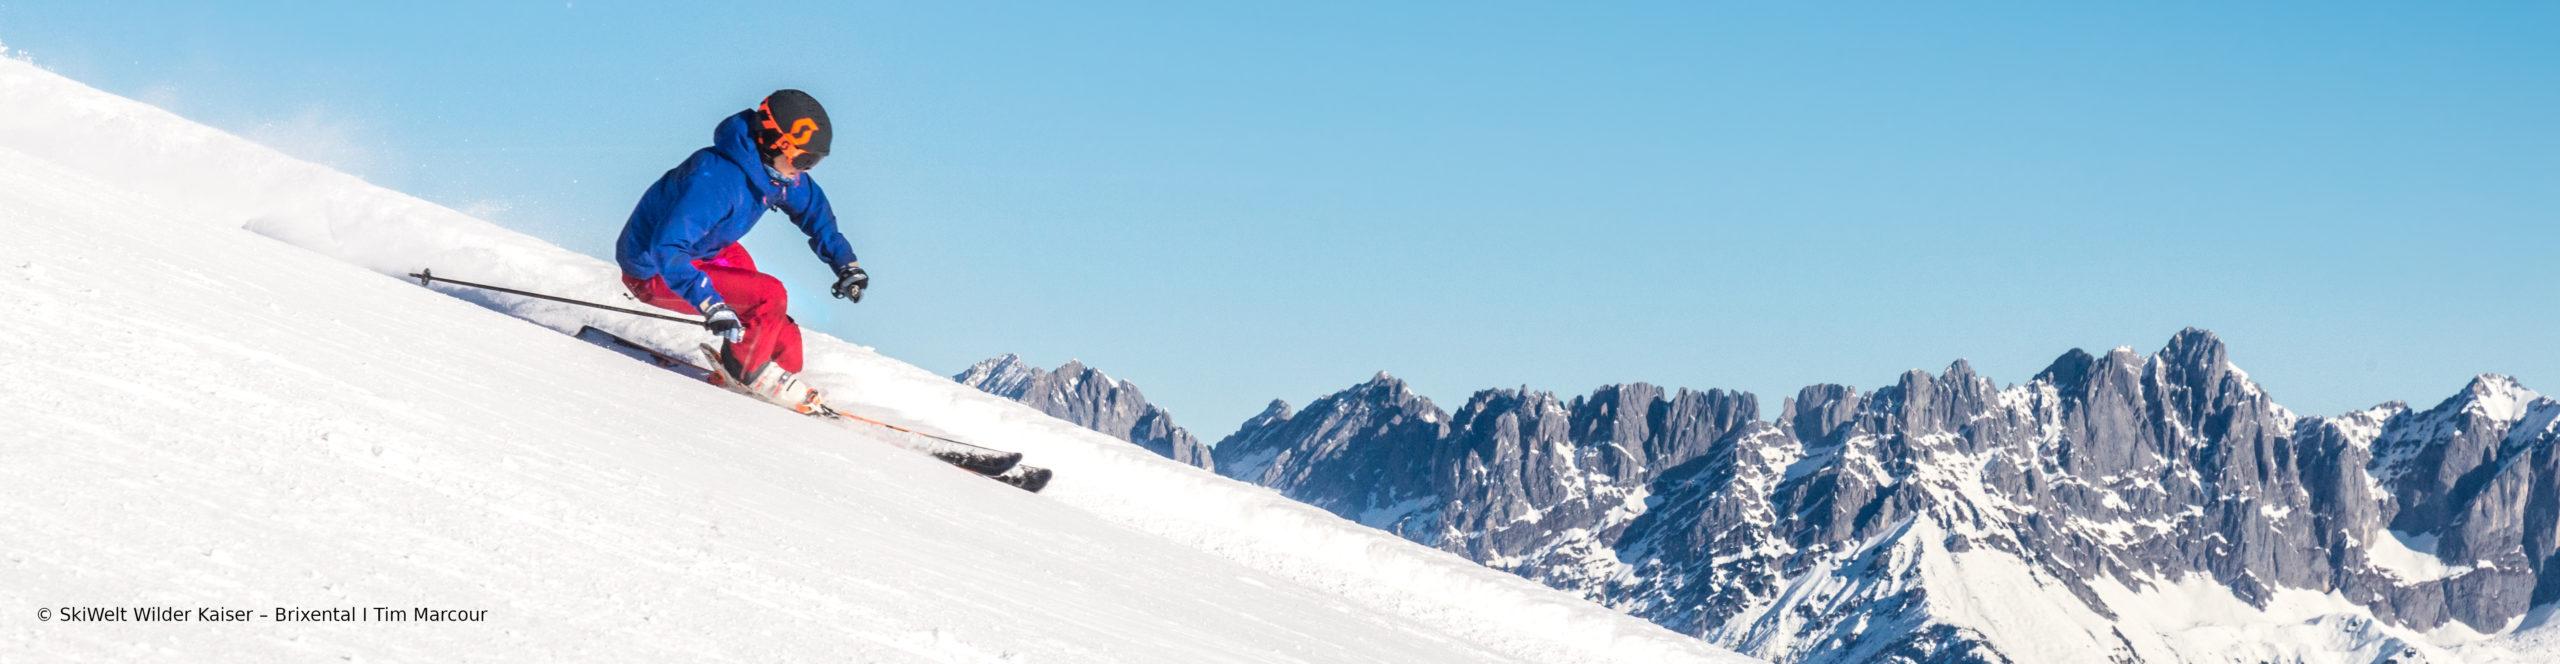 SCHEFFAU – SKIWELT WILDER KAISER –  SchneeSpaßTag in eines der größten Skigebiete Österreichs